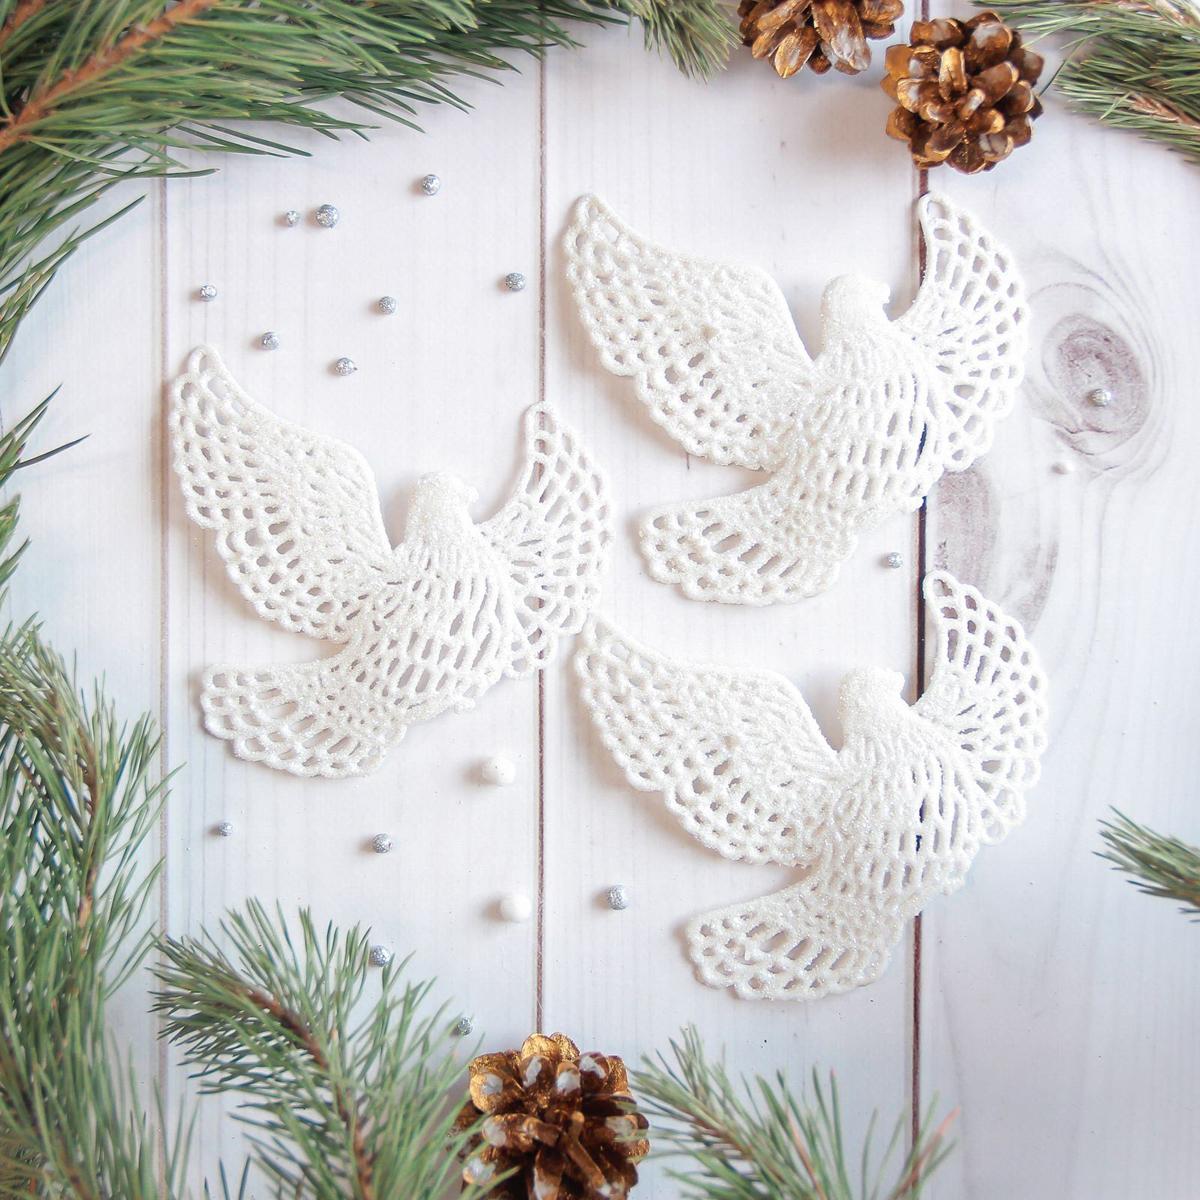 Украшение новогоднее елочное Sima-land Белая голубка, 10 х 11 см, 3 шт2371308Невозможно представить нашу жизнь без праздников! Мы всегда ждём их и предвкушаем, обдумываем, как проведём памятный день, тщательно выбираем подарки и аксессуары, ведь именно они создают и поддерживают торжественный настрой.